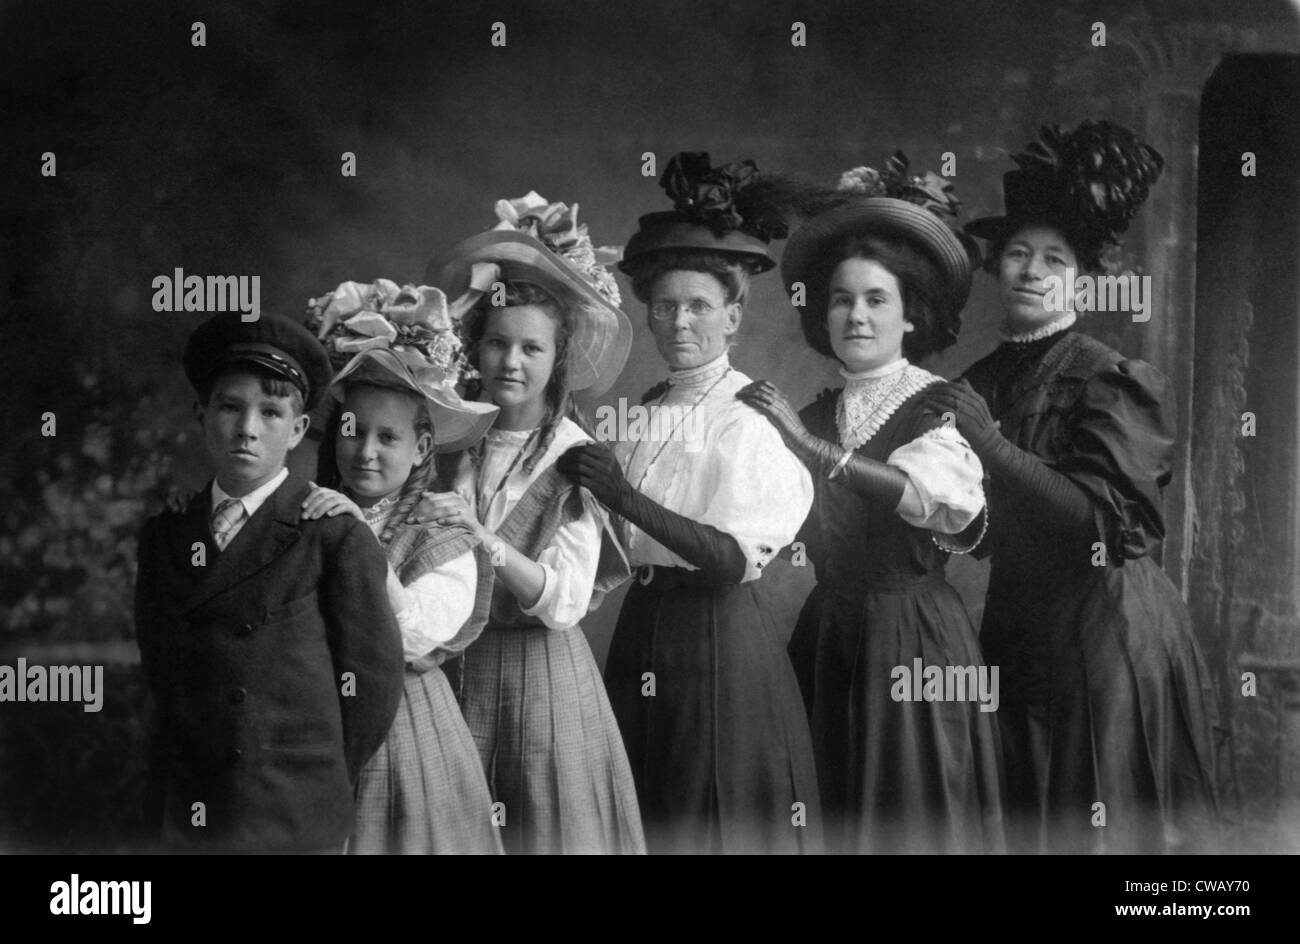 Tres mujeres y tres niños con sombreros, circa 1900. Foto: Cortesía Everett Collection Imagen De Stock